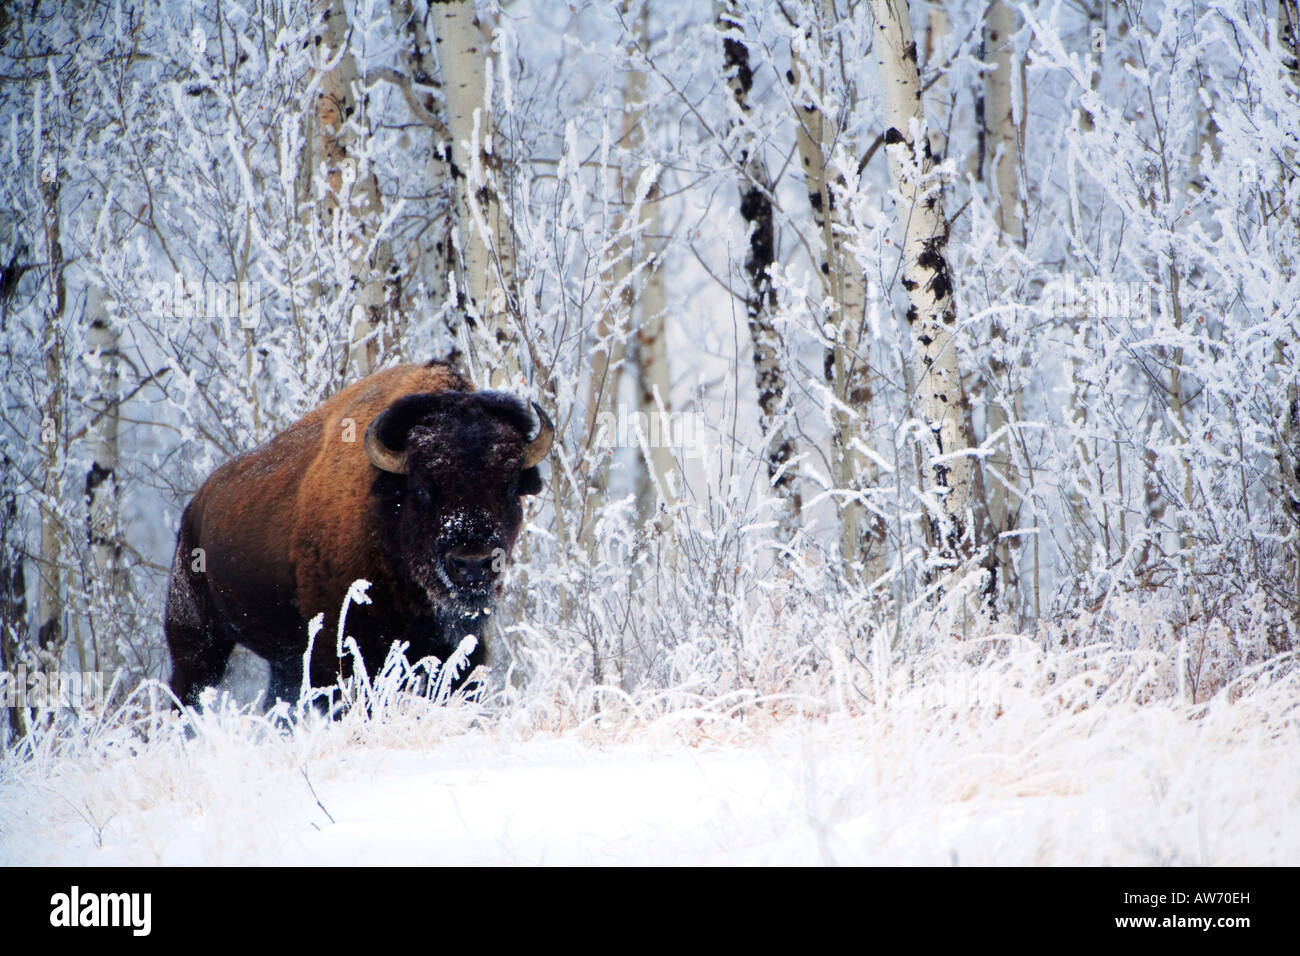 Les bisons dans la neige, le parc national Elk Island, en Alberta, Canada Banque D'Images